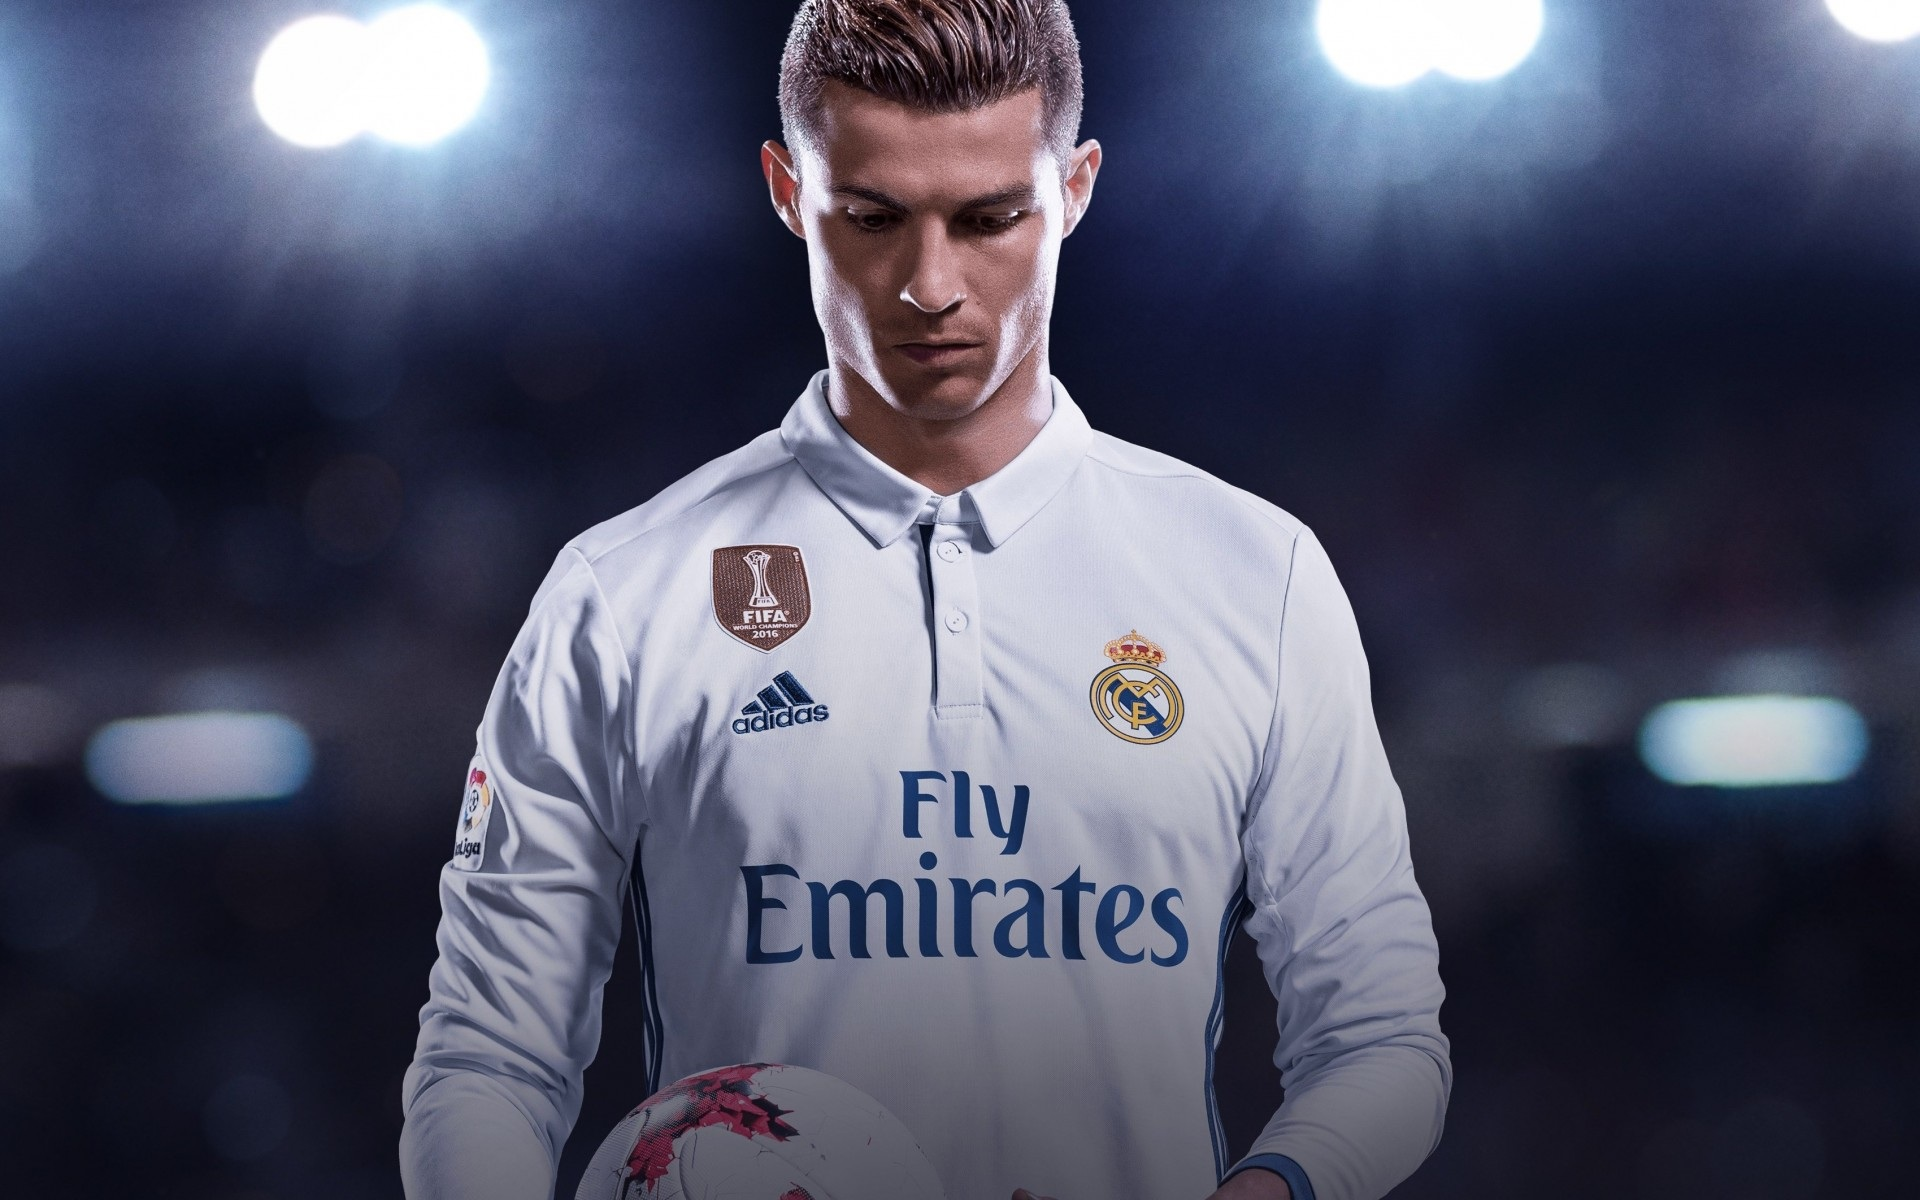 صورة خلفيات كرستيانو رونالدو 2019 , صور للاعب كرستيانو رونالدو 2019